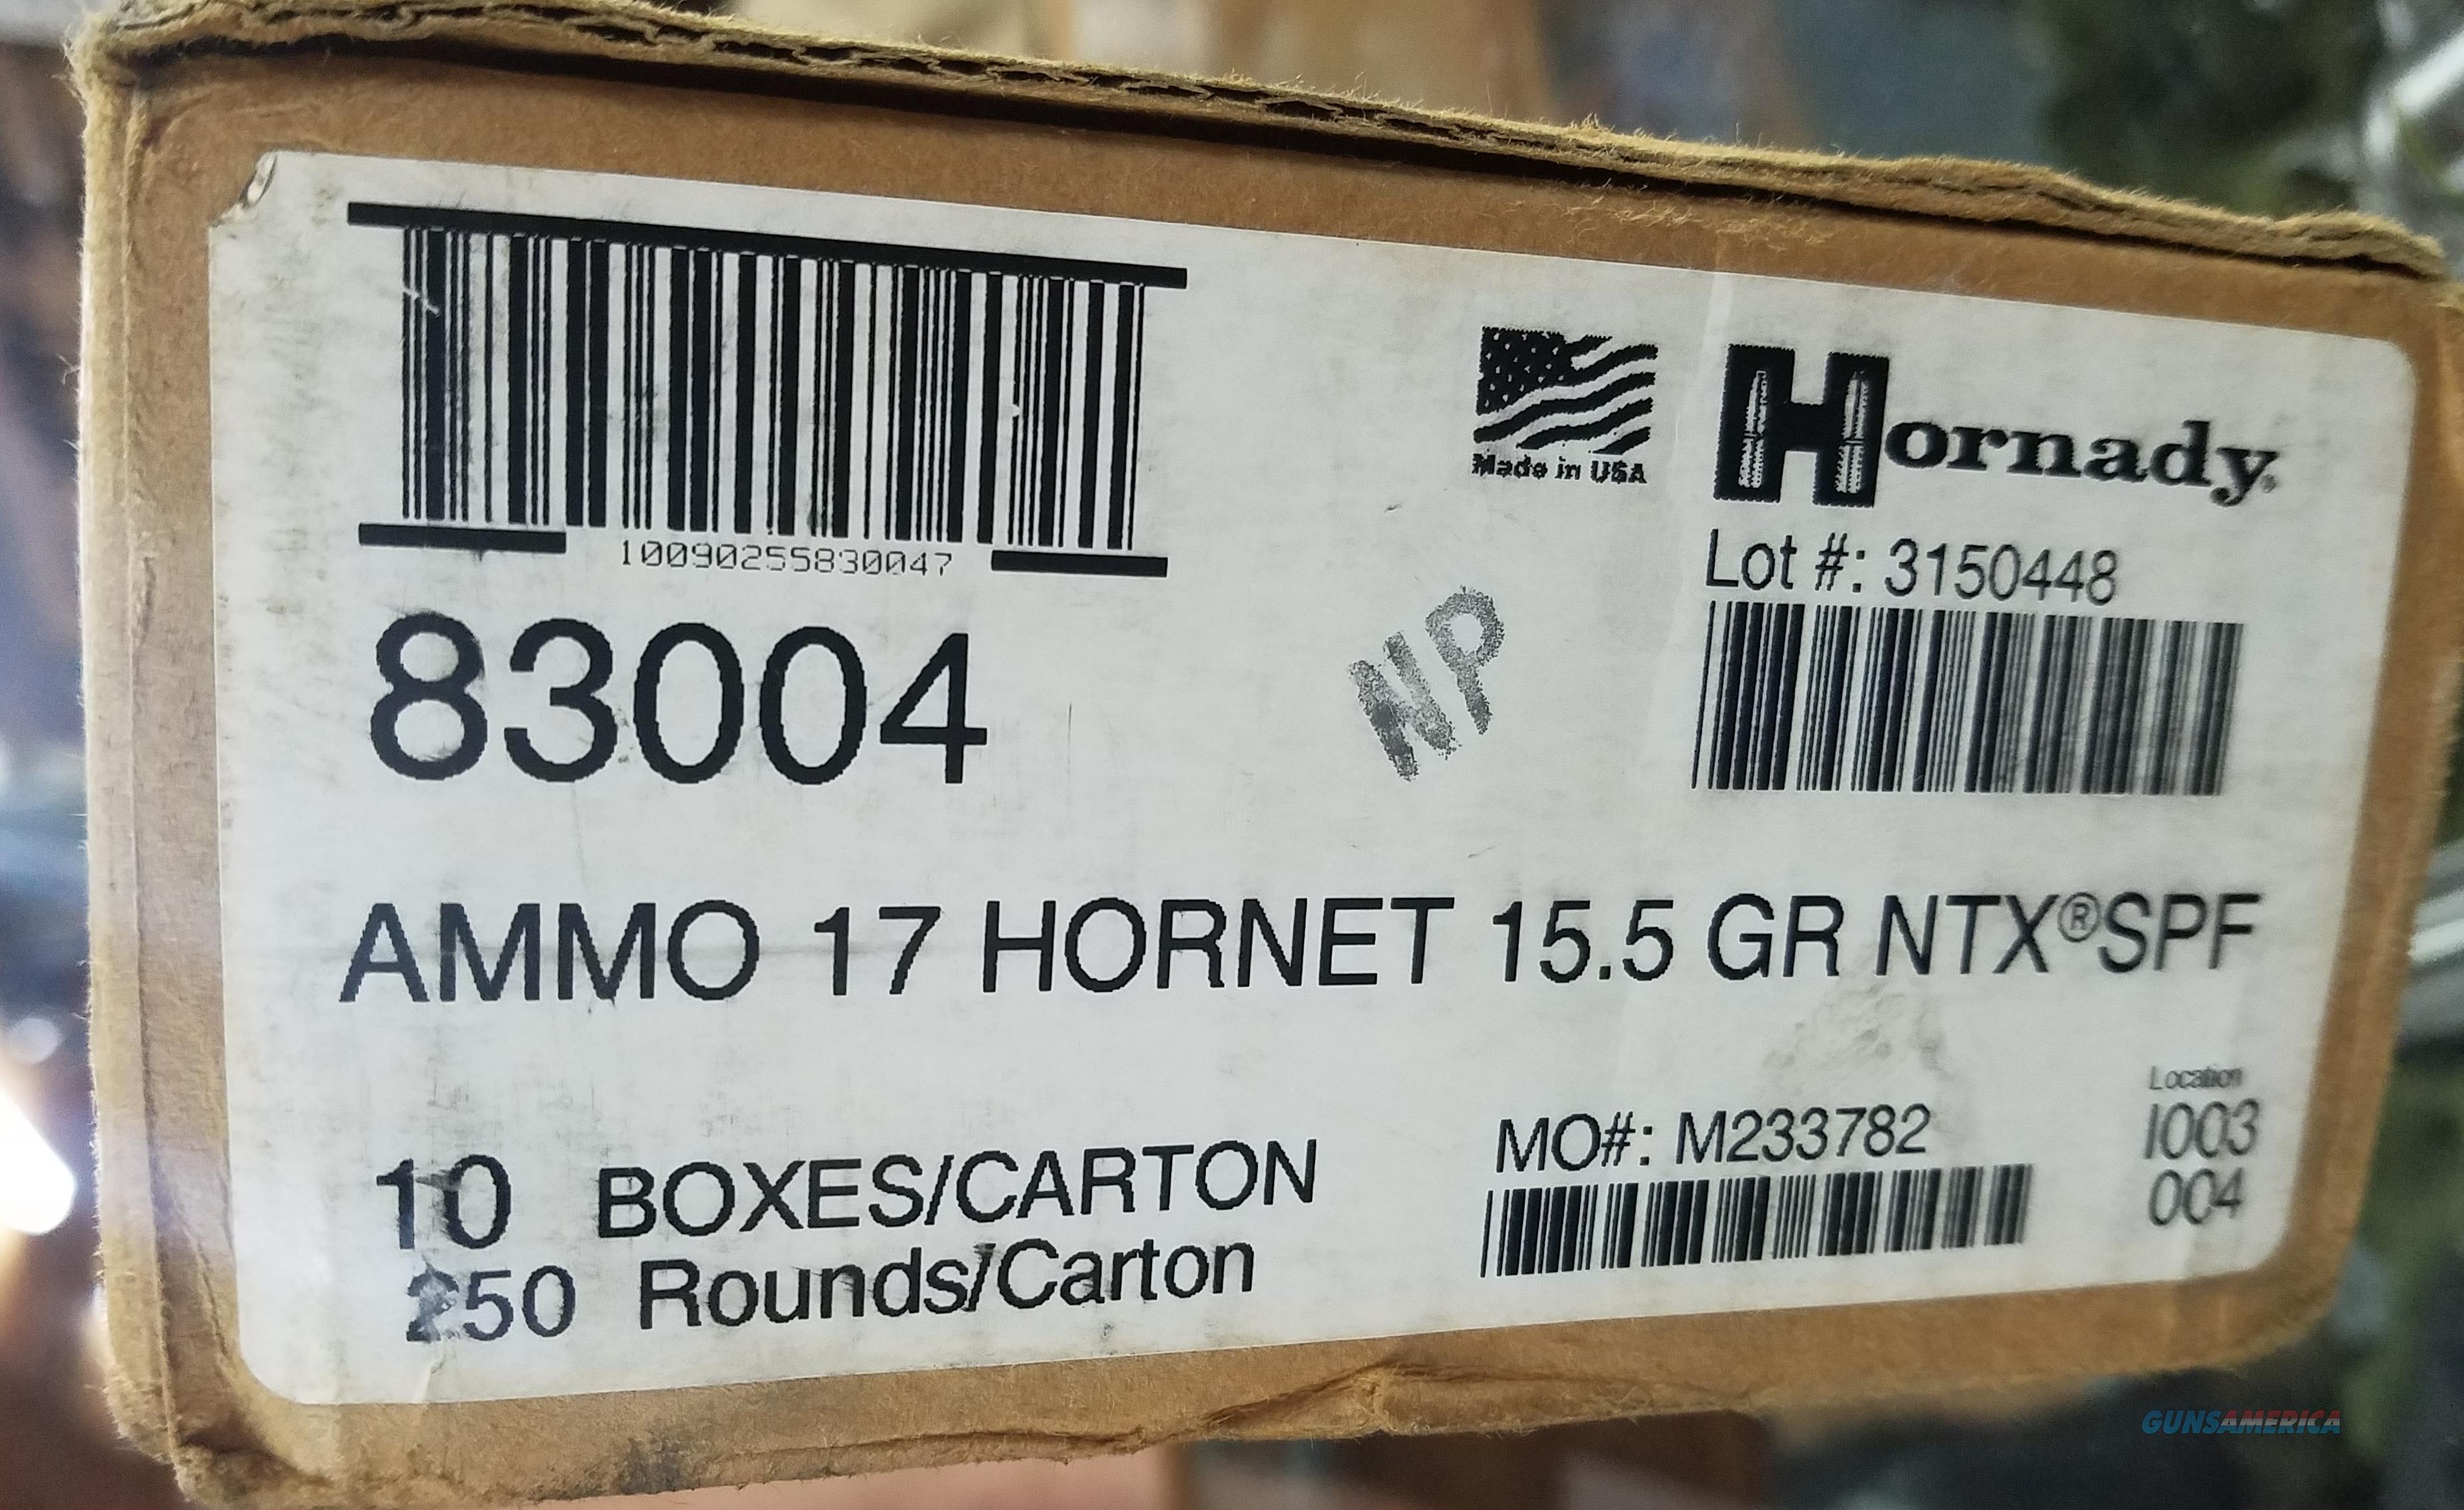 Hornady .17 Hornet 15.5 gr Superformance 25 Rounds Ammunition - 83004  Non-Guns > Ammunition